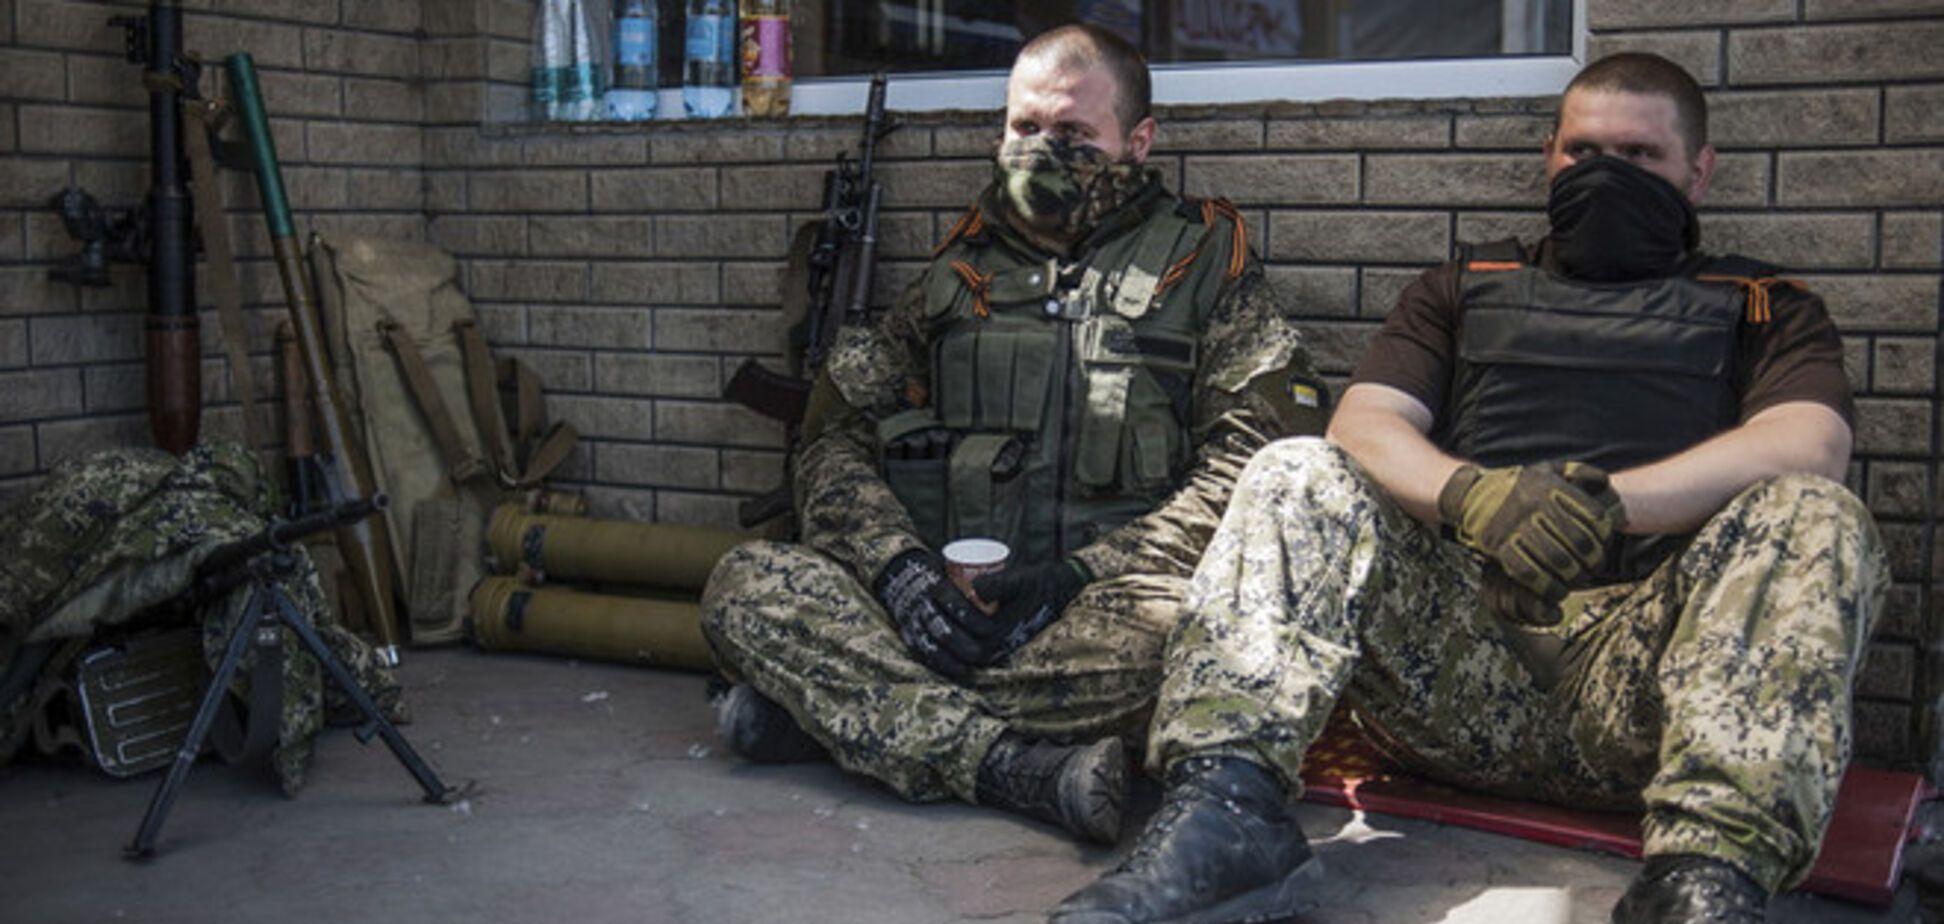 Террористы похитили 700 кг взрывчатки на Донетчине